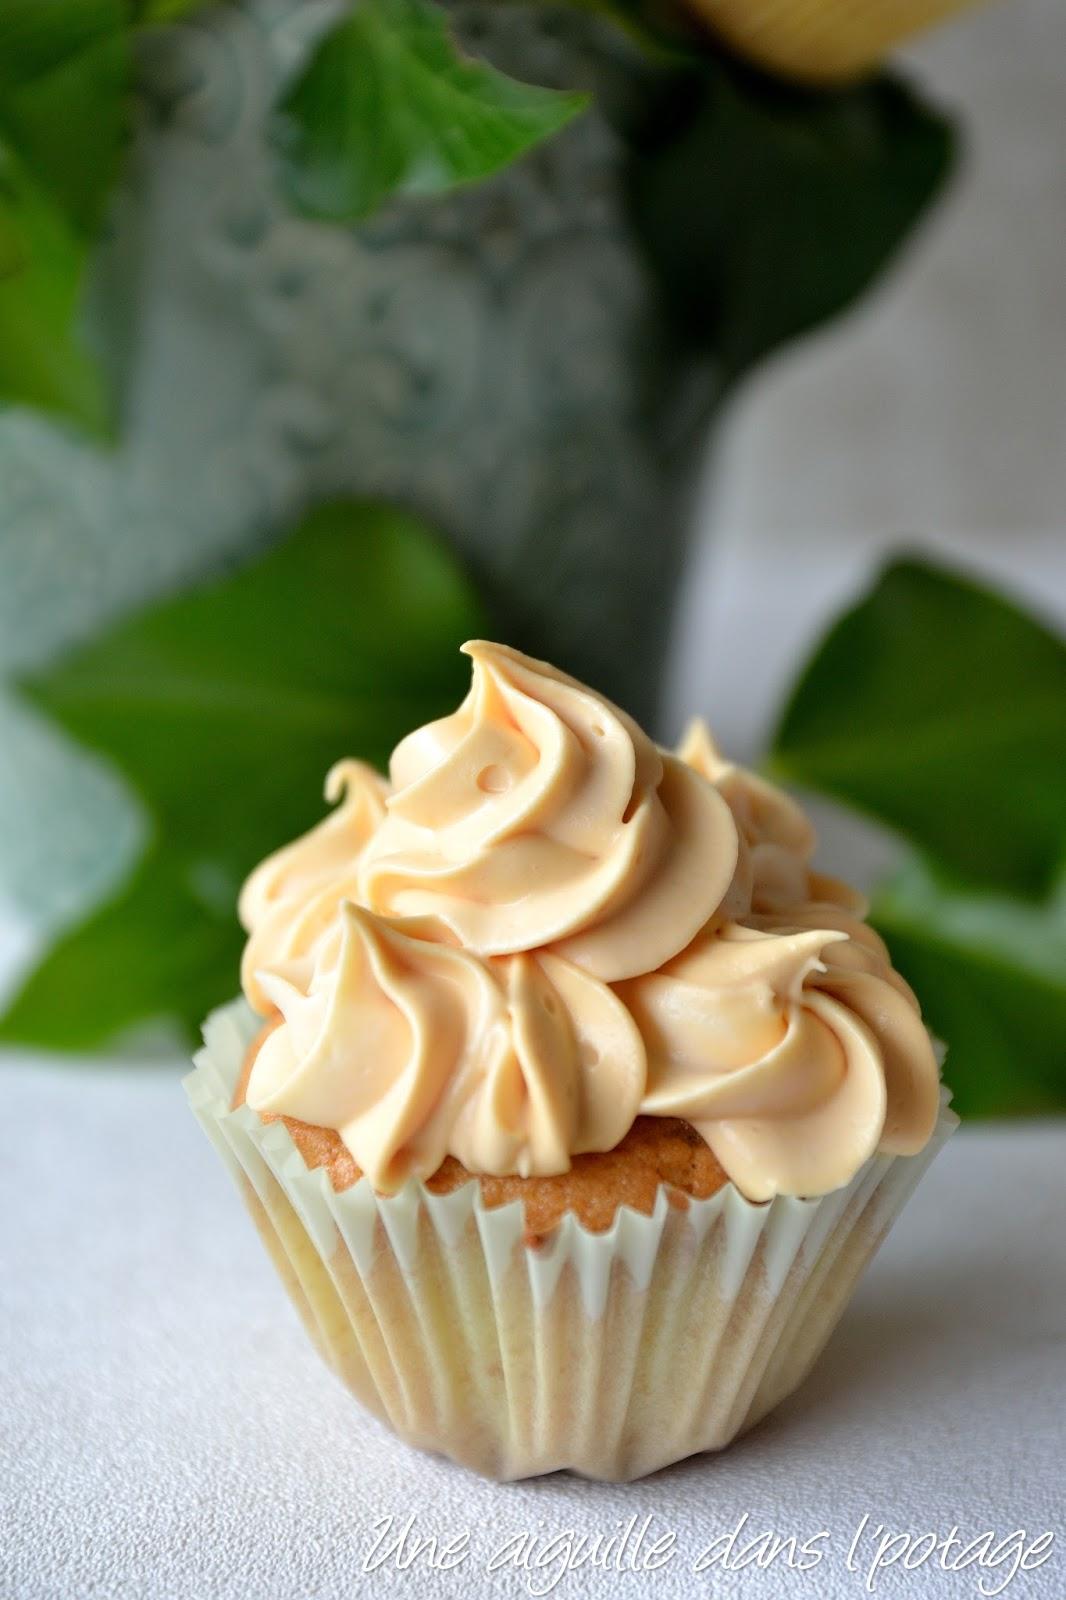 une aiguille dans l potage bouquet de cupcakes ganache mont 233 e chocolat blanc